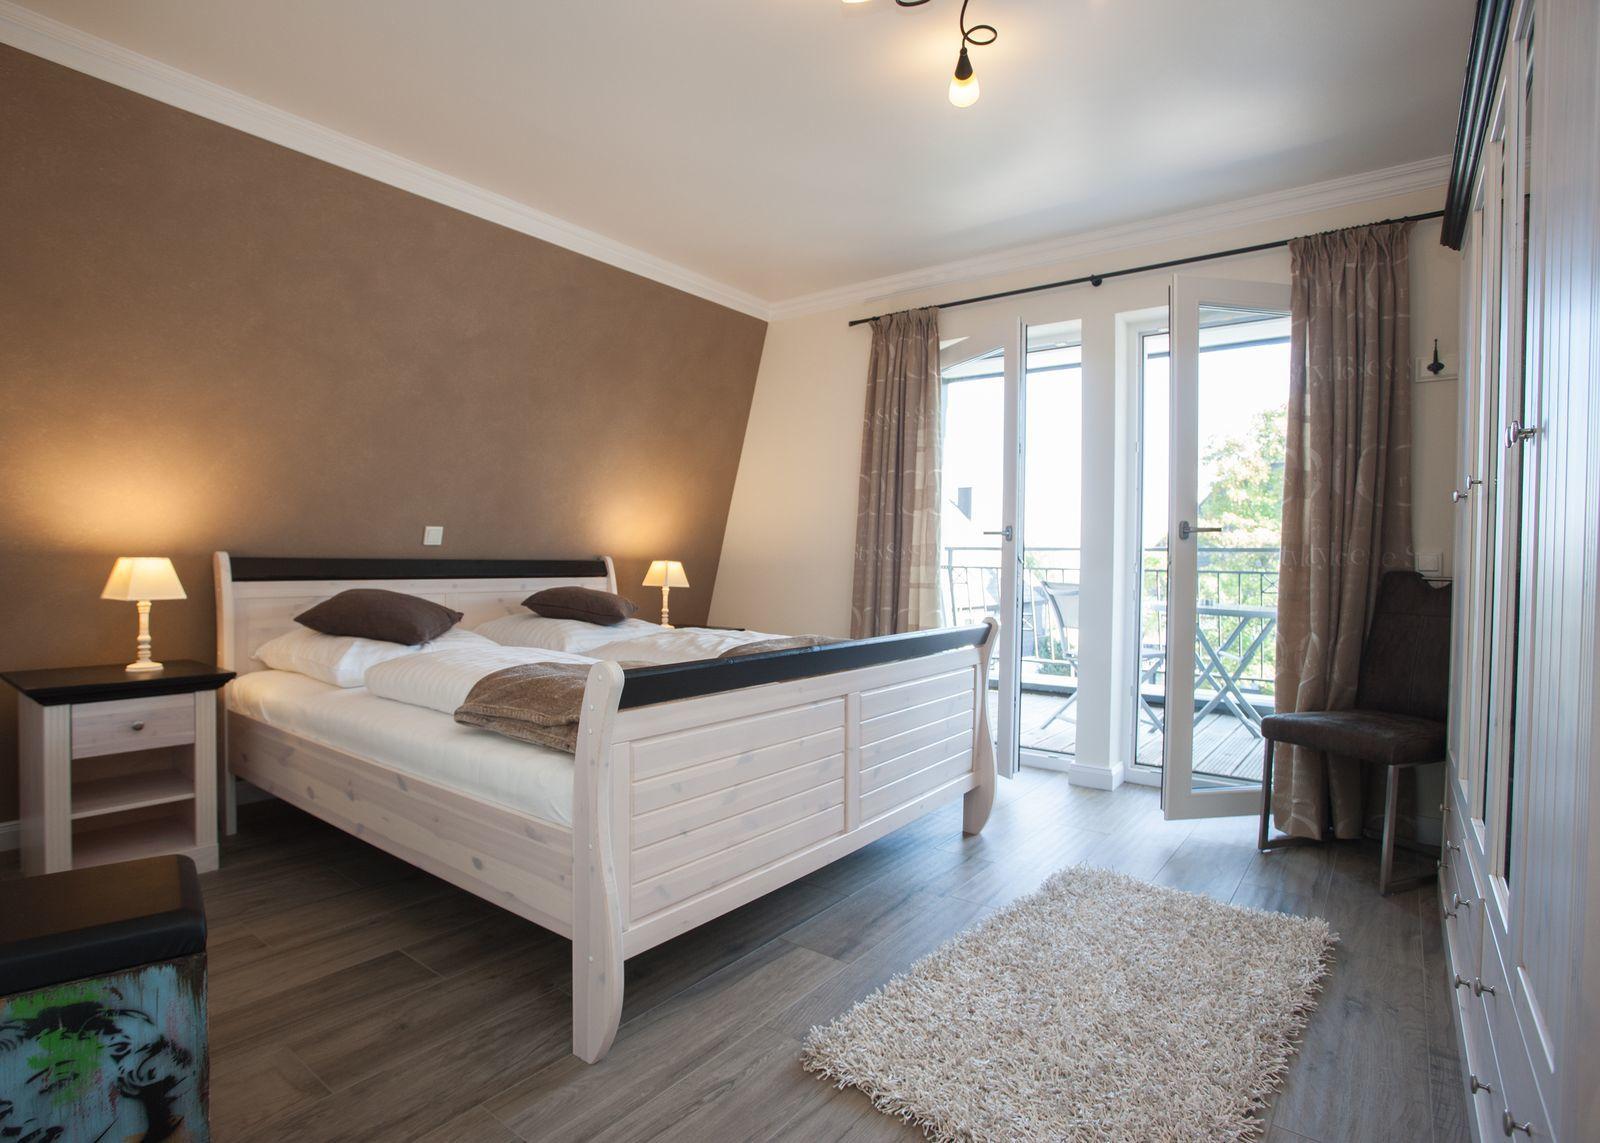 Ferienwohnung - Fichtenweg 31-K Villa Winterberg ****